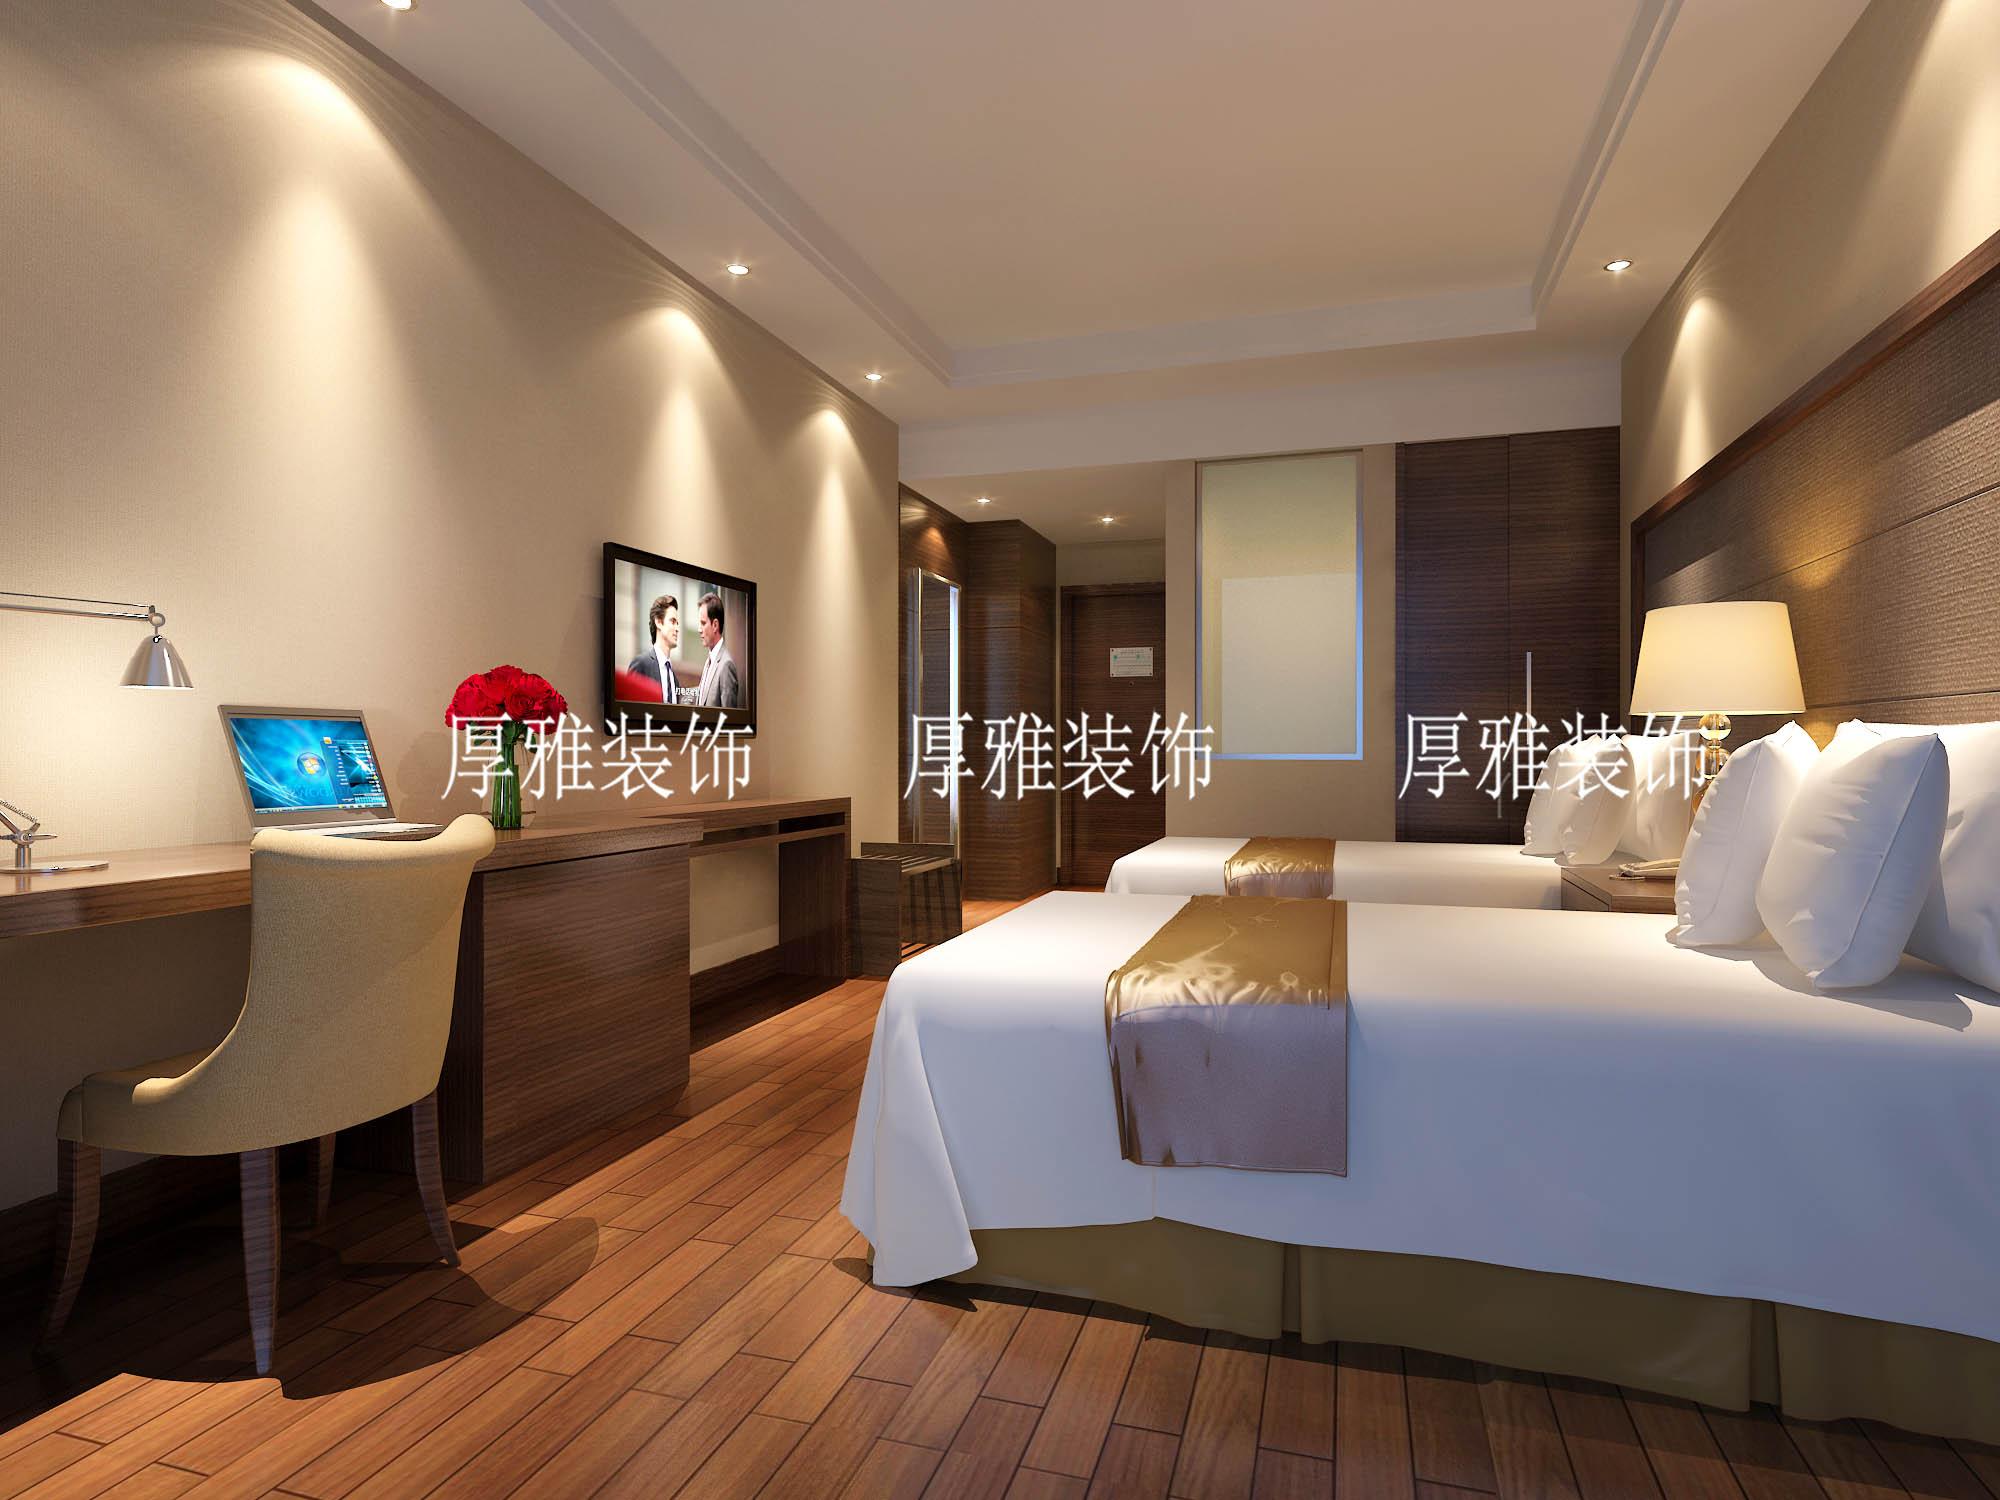 南京酒店 中国/速八酒店的概念产生于上世纪80年代的美国,近几年才在中国出现...